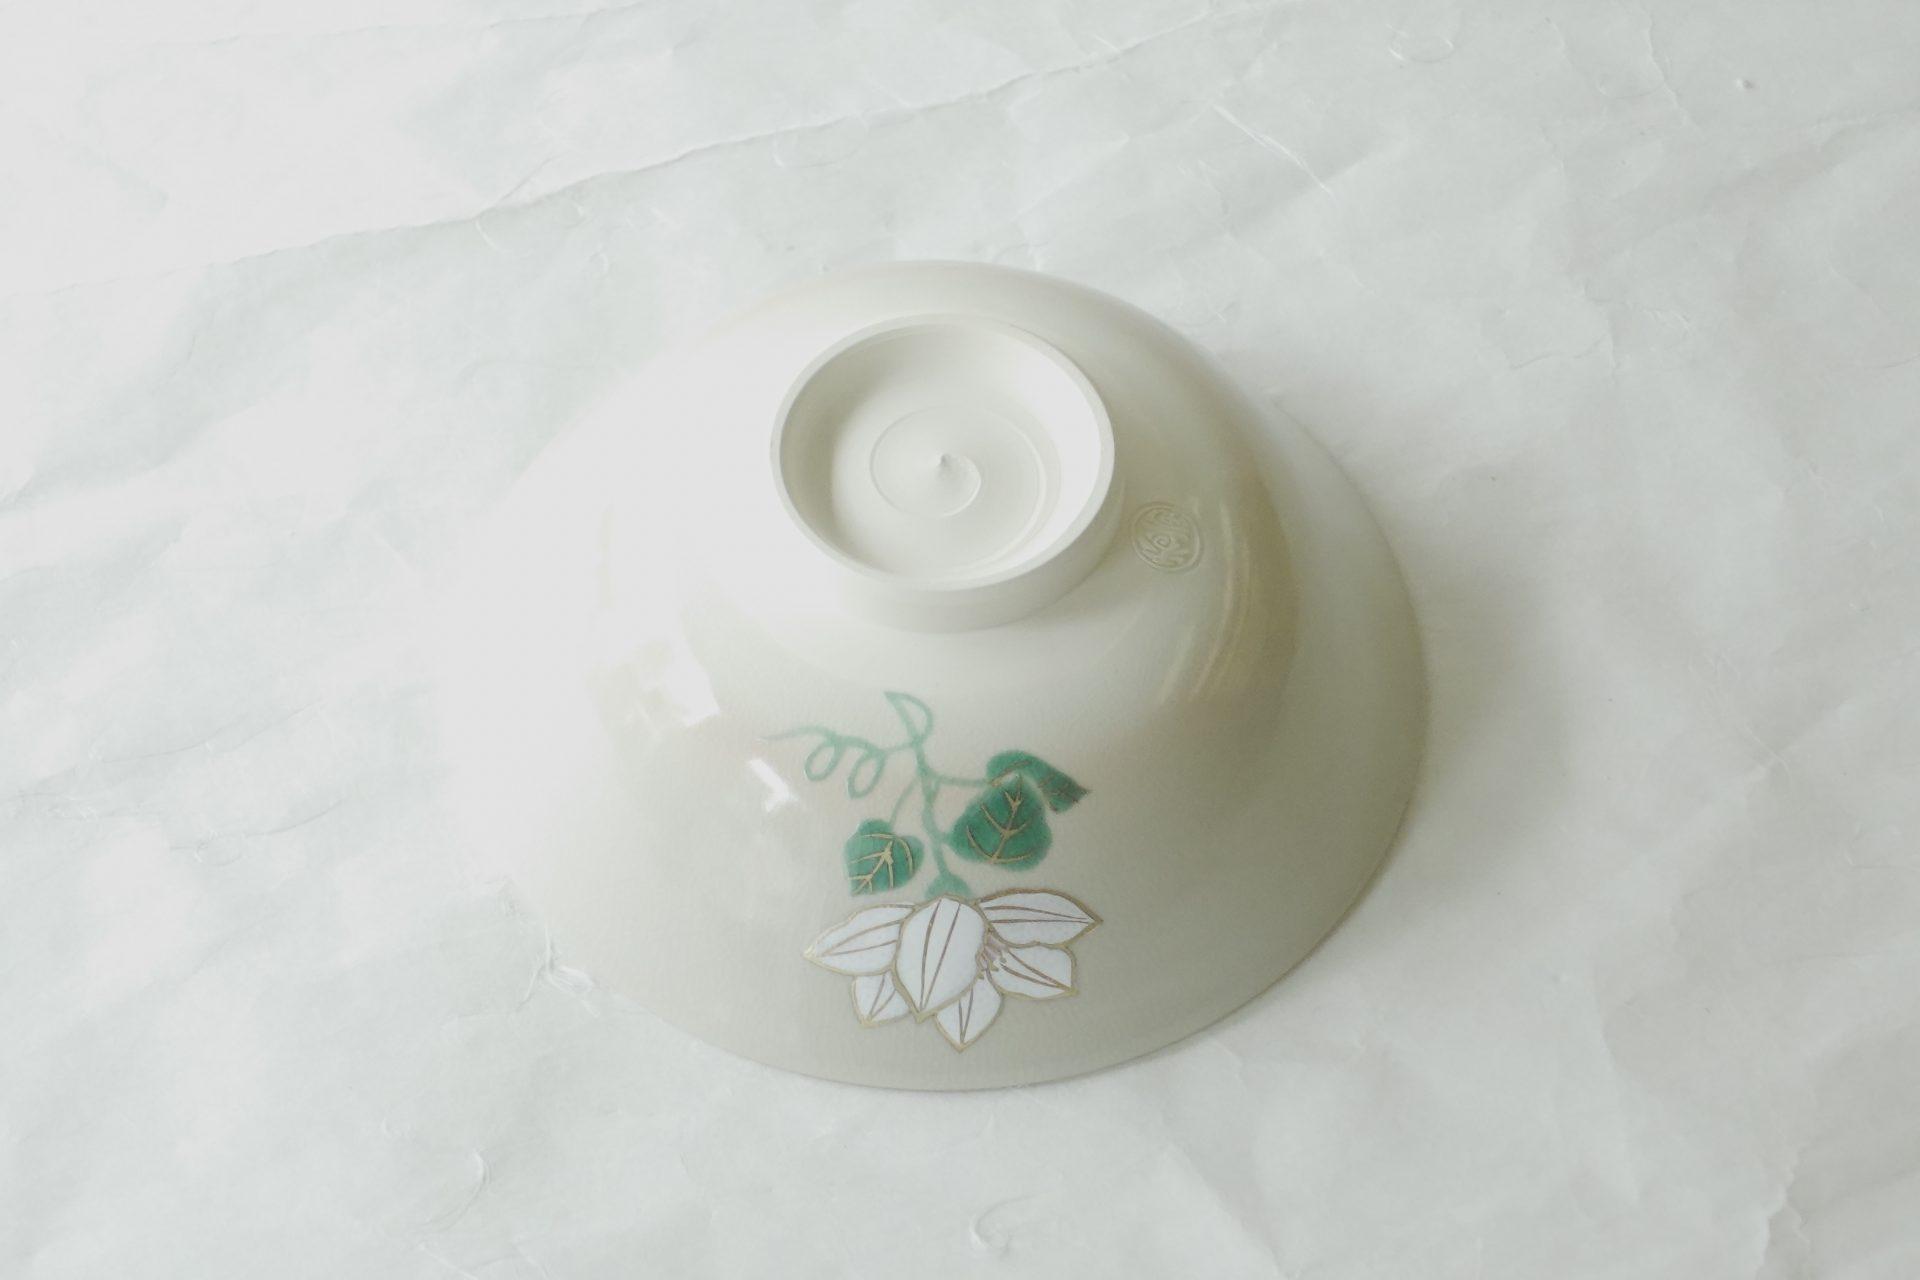 茶道具 茶の湯 茶道 陶器 抹茶碗 平茶碗 夏茶碗 鉄線 夏のさわやかな情景 緑の葉 金線 豪華さ 手におさまる ちょうどいいサイズ 軽い 扱いやすい